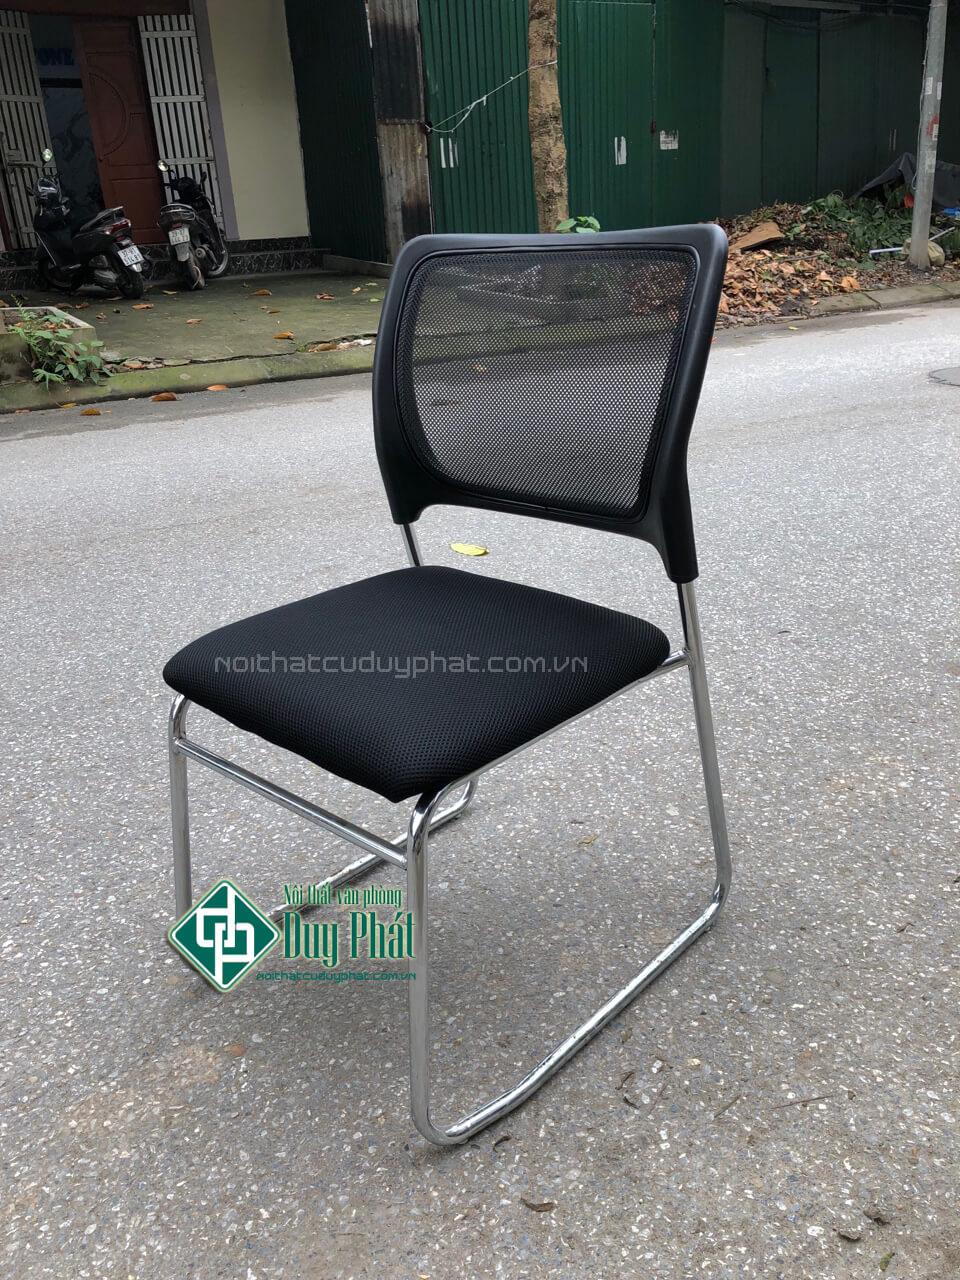 Thanh lý ghế chân quỳ Ba Đình - Hà Nội Giá Rẻ - Chất lượng